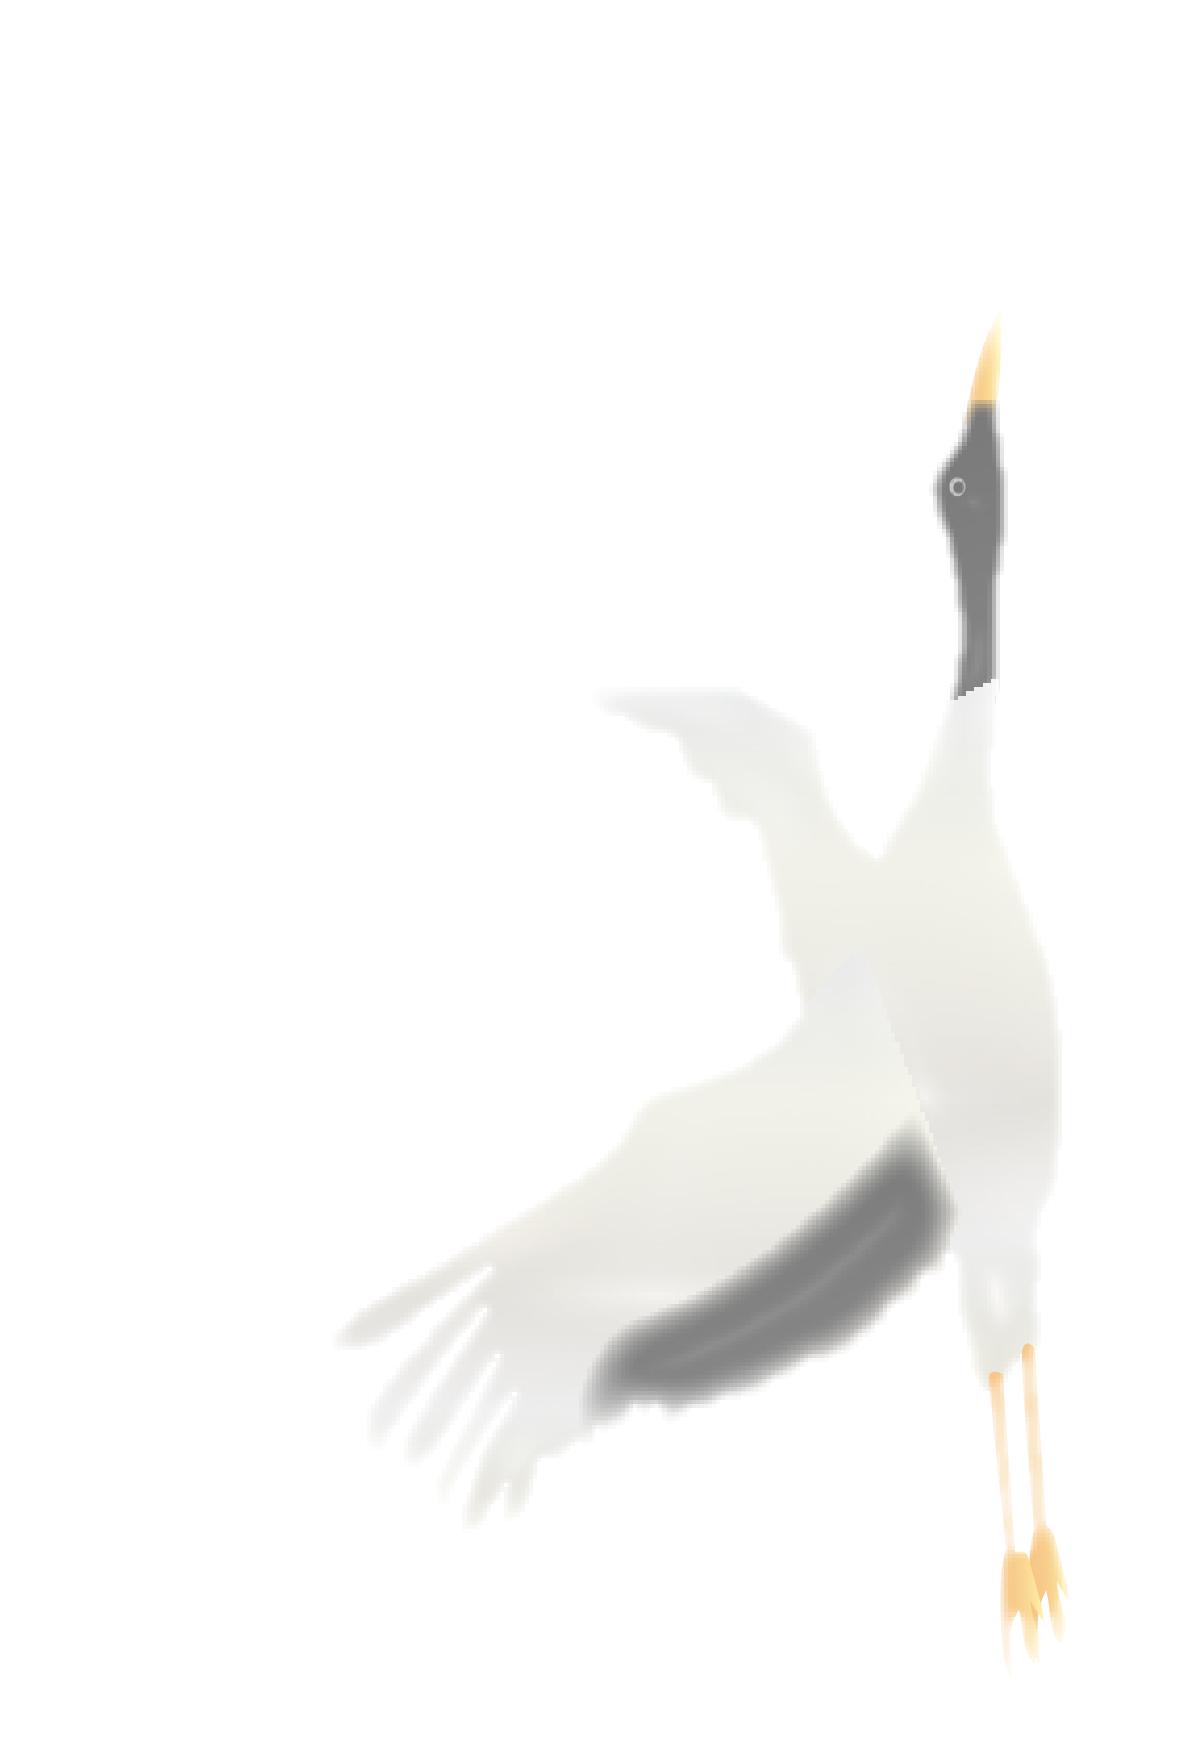 恭賀新年と鶴のイラスト付き(文字なし)